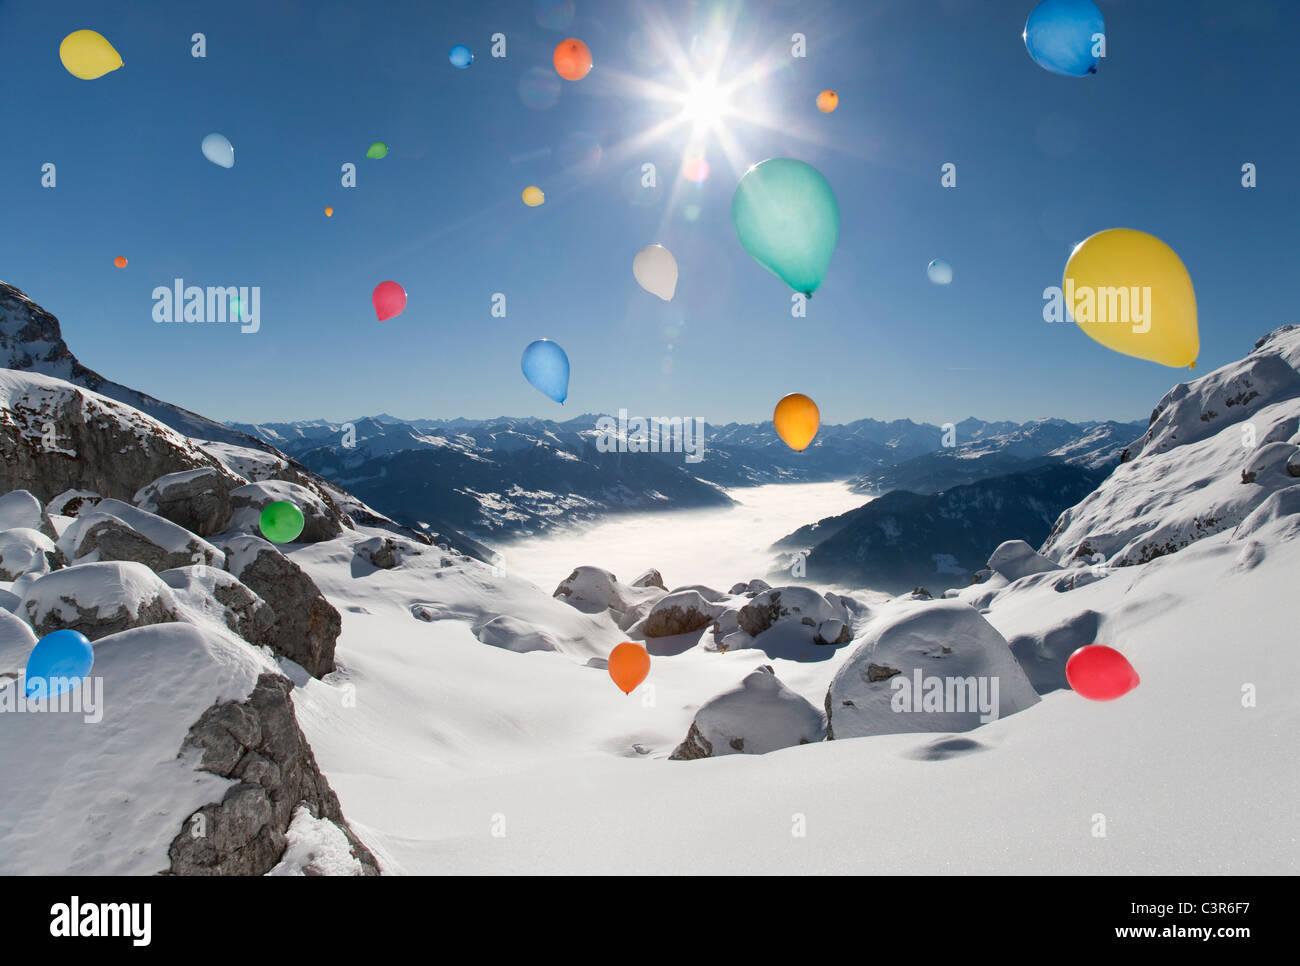 Ballons fliegen über verschneite Winterlandschaft Stockbild